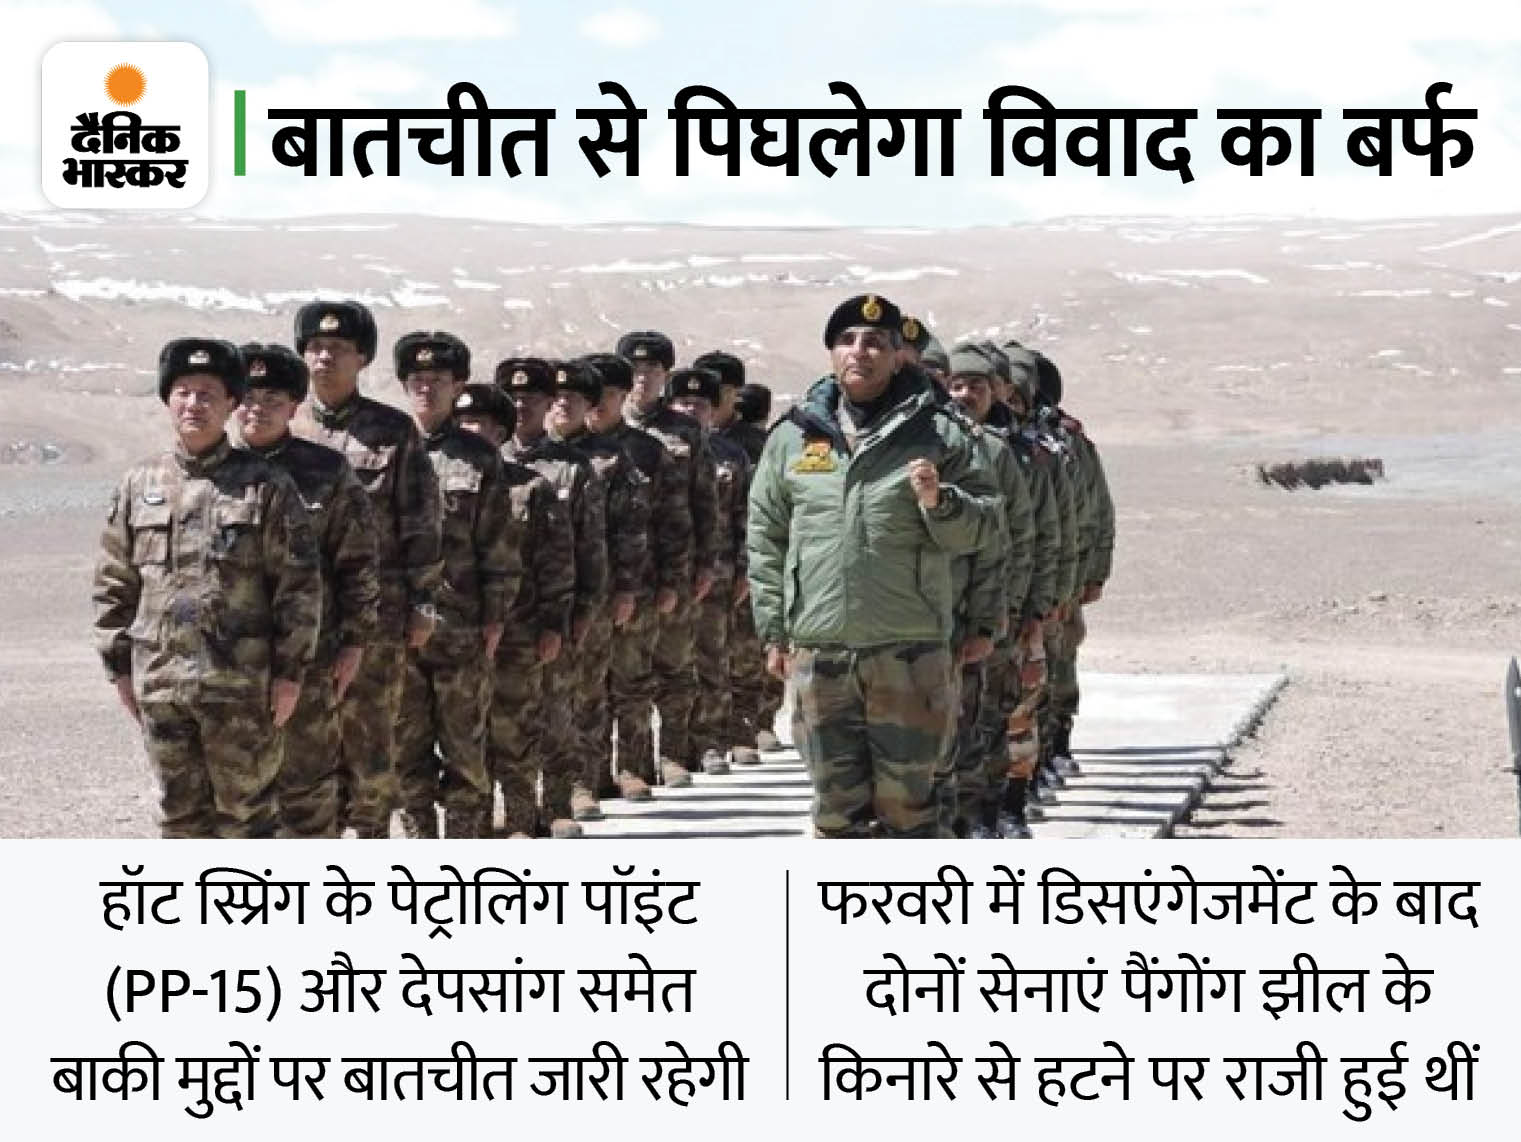 गोगरा हाइट्स से सेना हटाने पर राजी हुए दोनों देश, दो दिन पहले कोर कमांडर्स के बीच चली थी 9 घंटे बातचीत|देश,National - Dainik Bhaskar